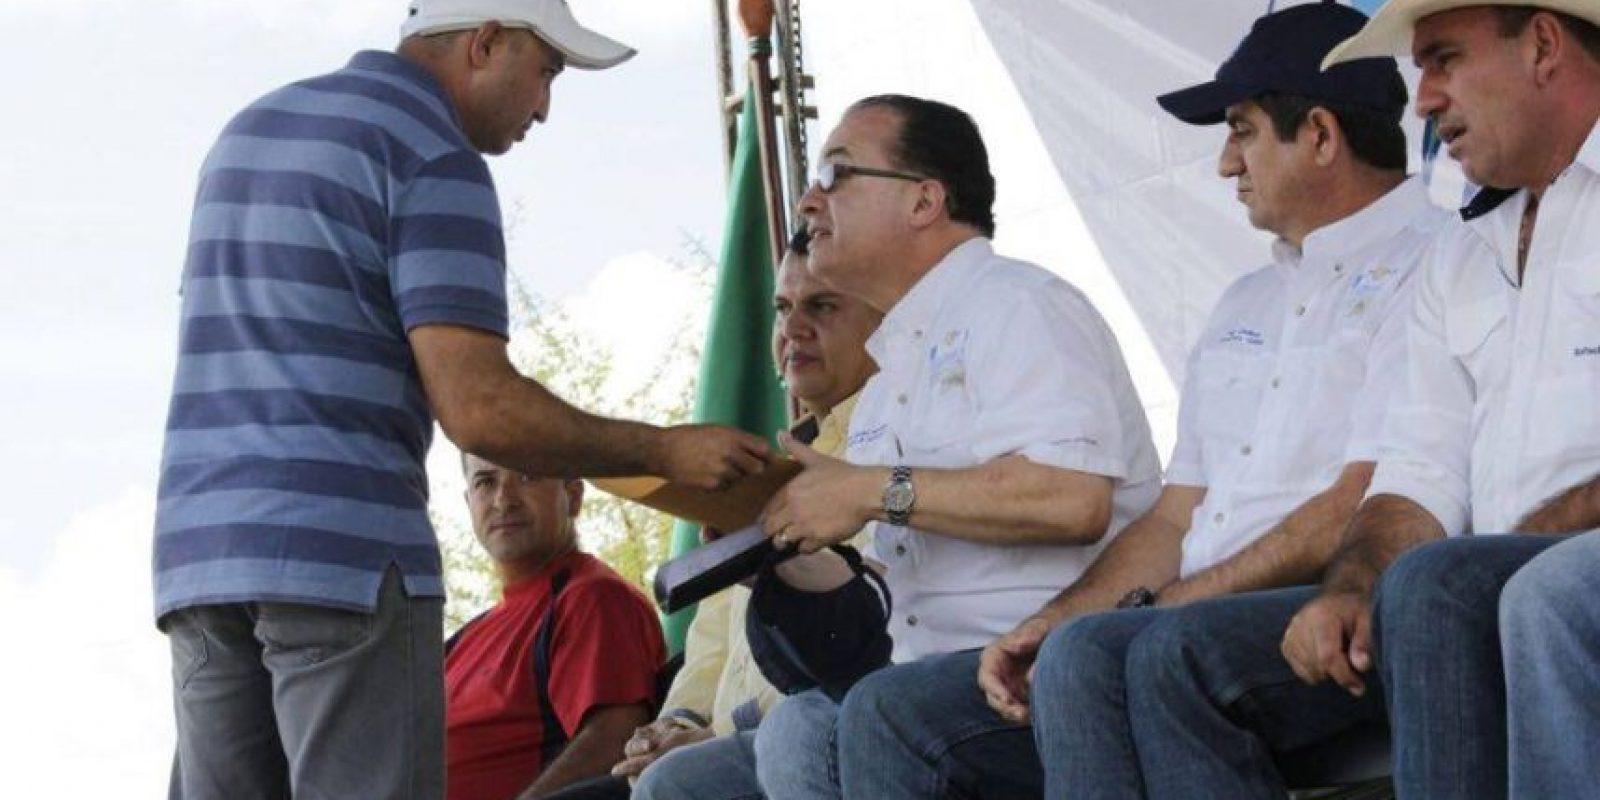 Foto:Cortesía MAGA